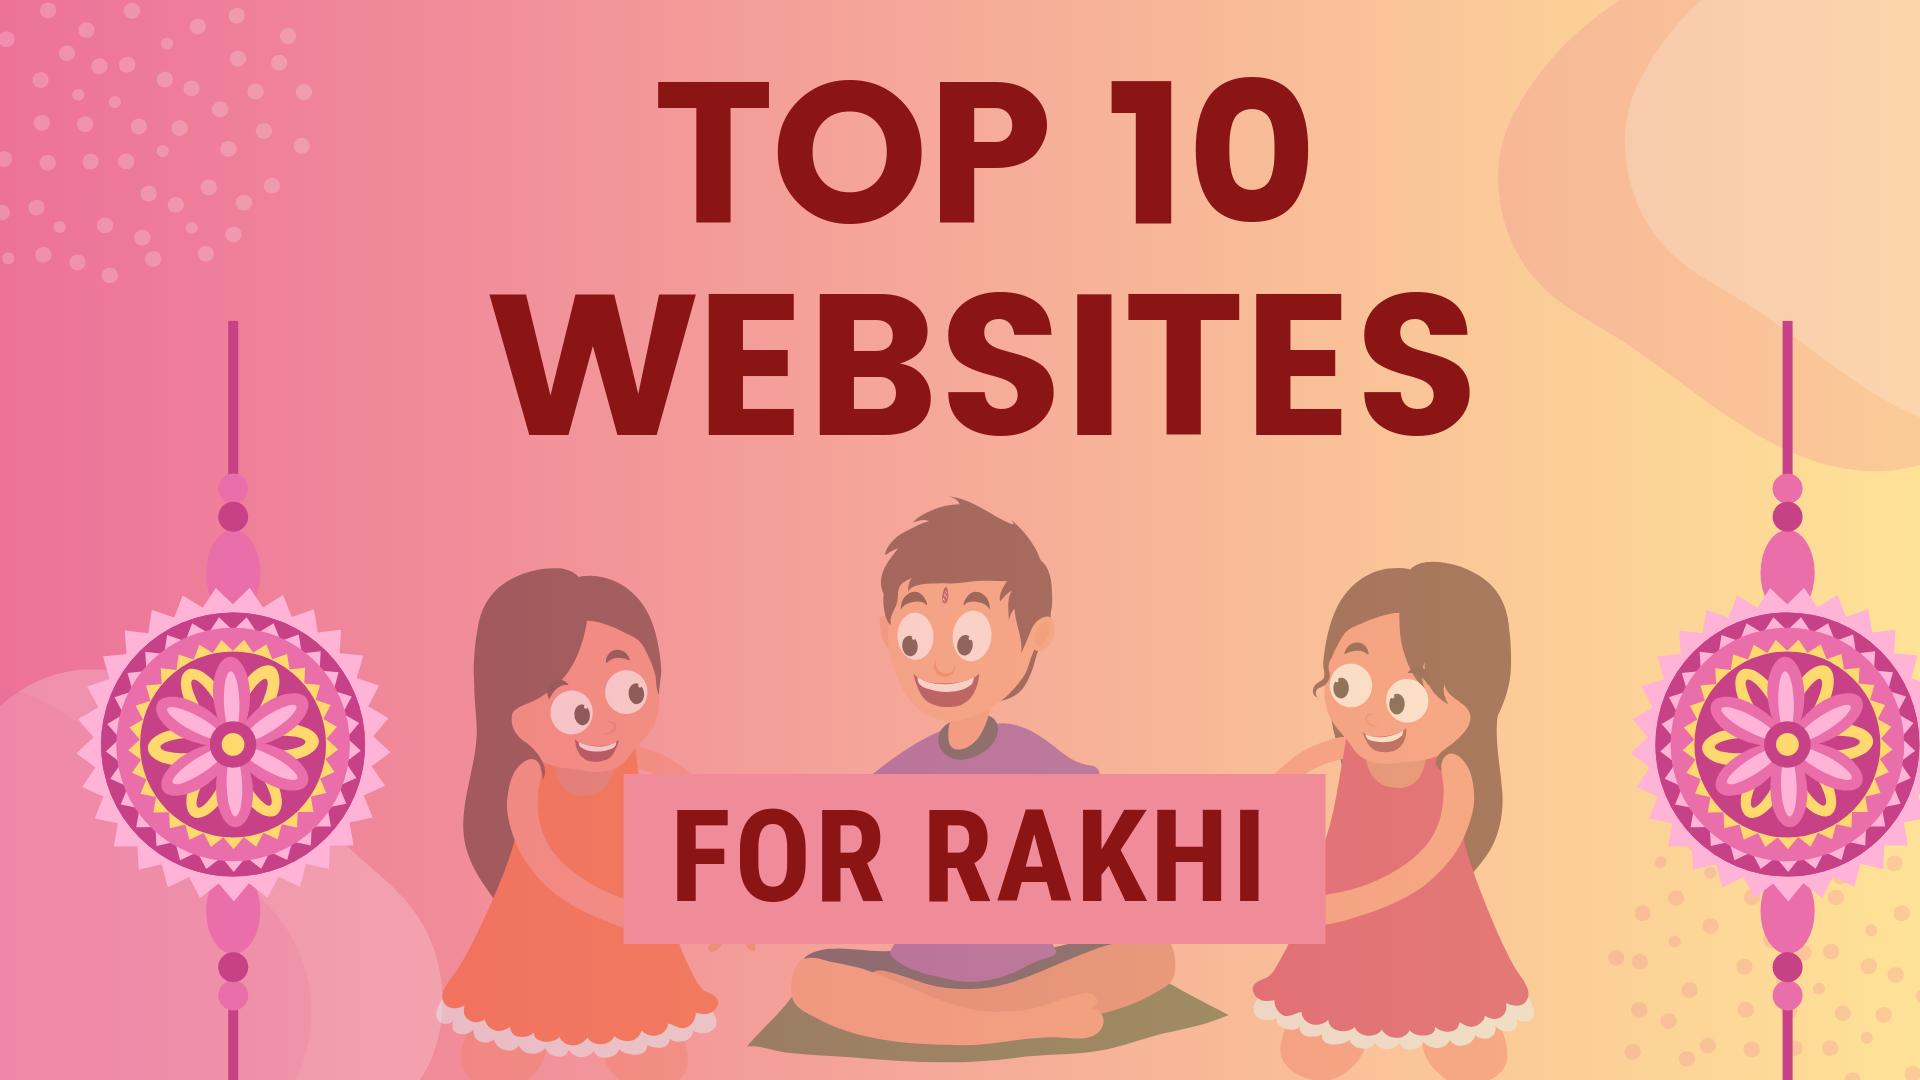 top websites for rakhi shopping